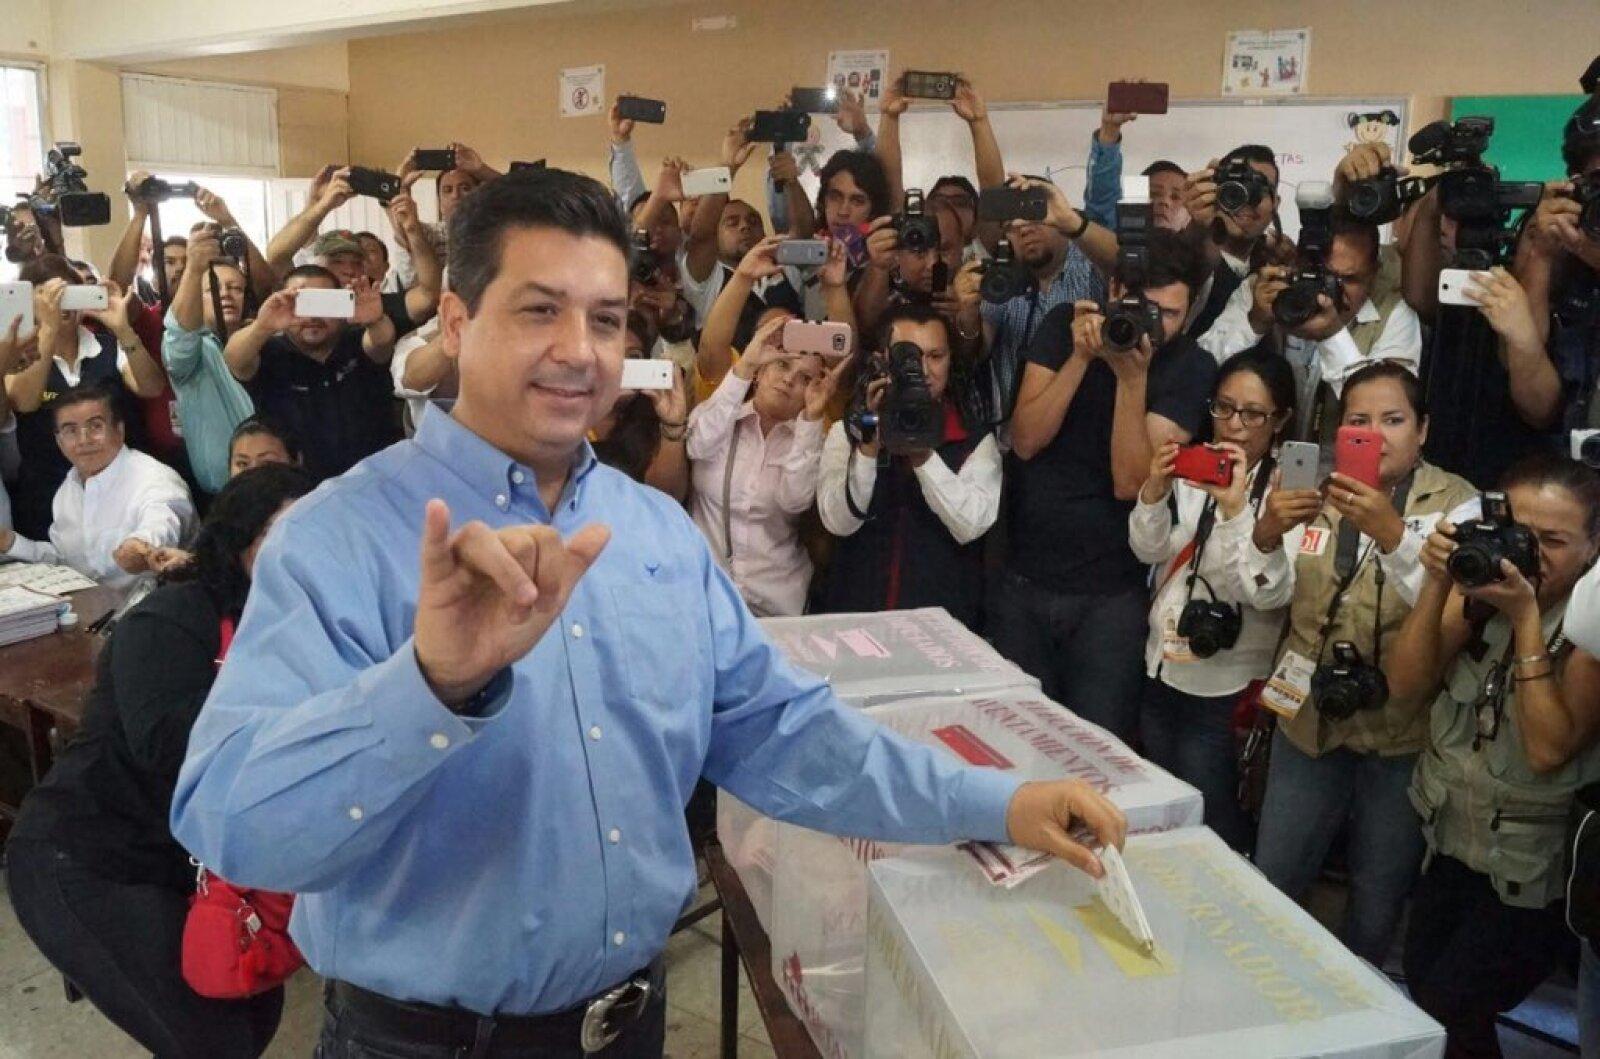 Francisco Cabeza de Vaca, candidato a la gubernatura de Tamaulipas por el PAN, asistió a su casilla en Reynosa desde temprano.